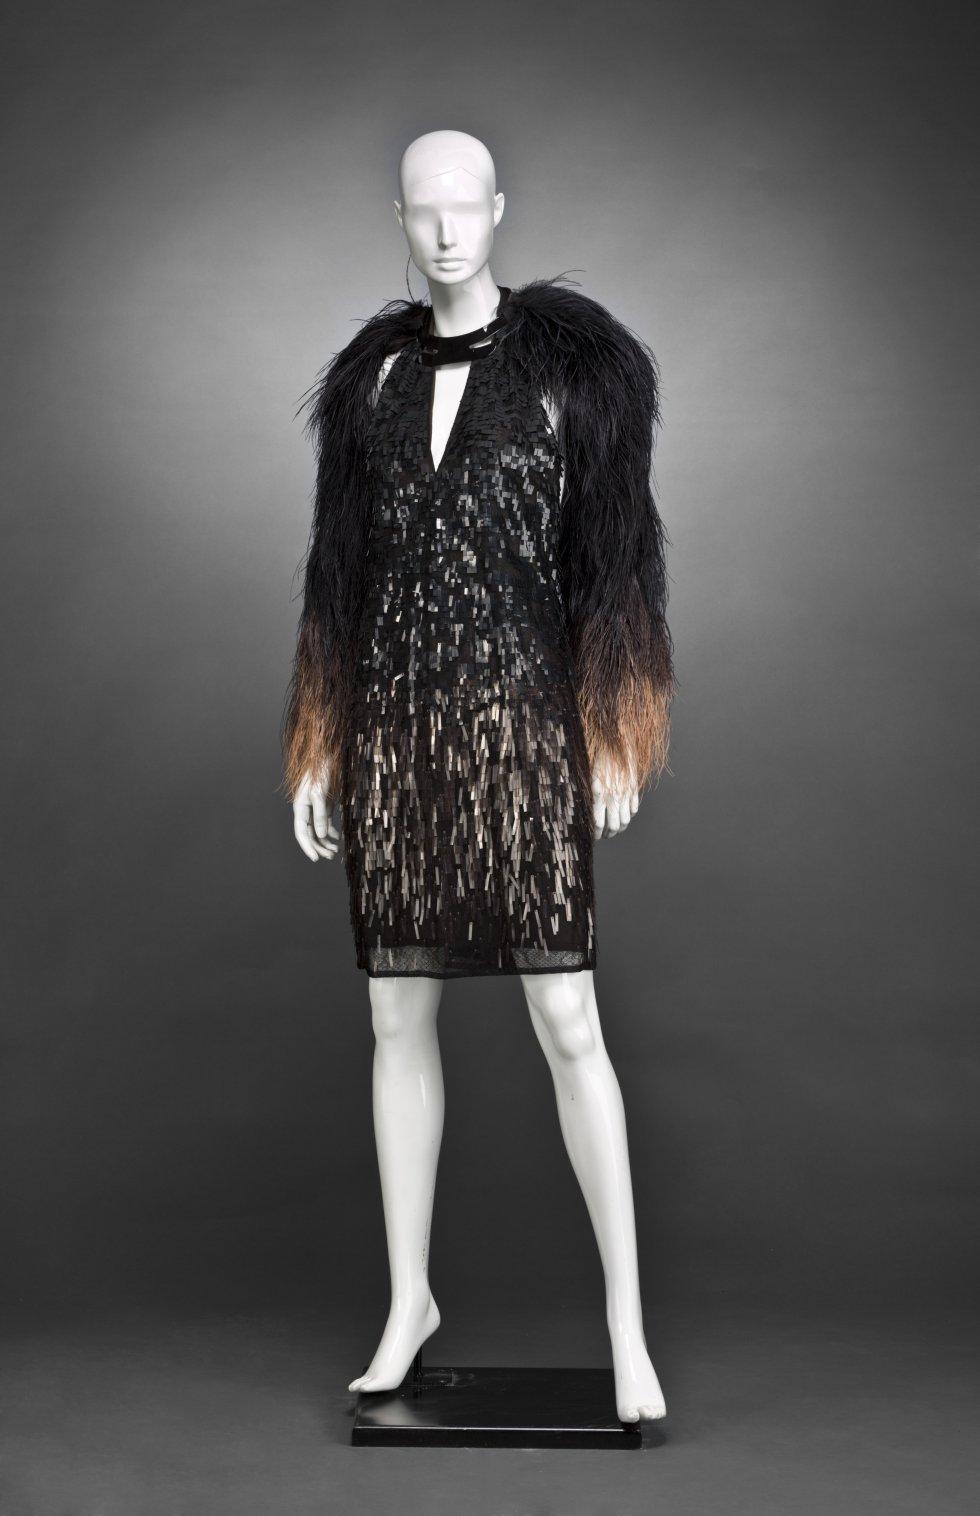 0d9a0560d Fotos  El Museo del Traje inaugura una exposición con vestidos de ...